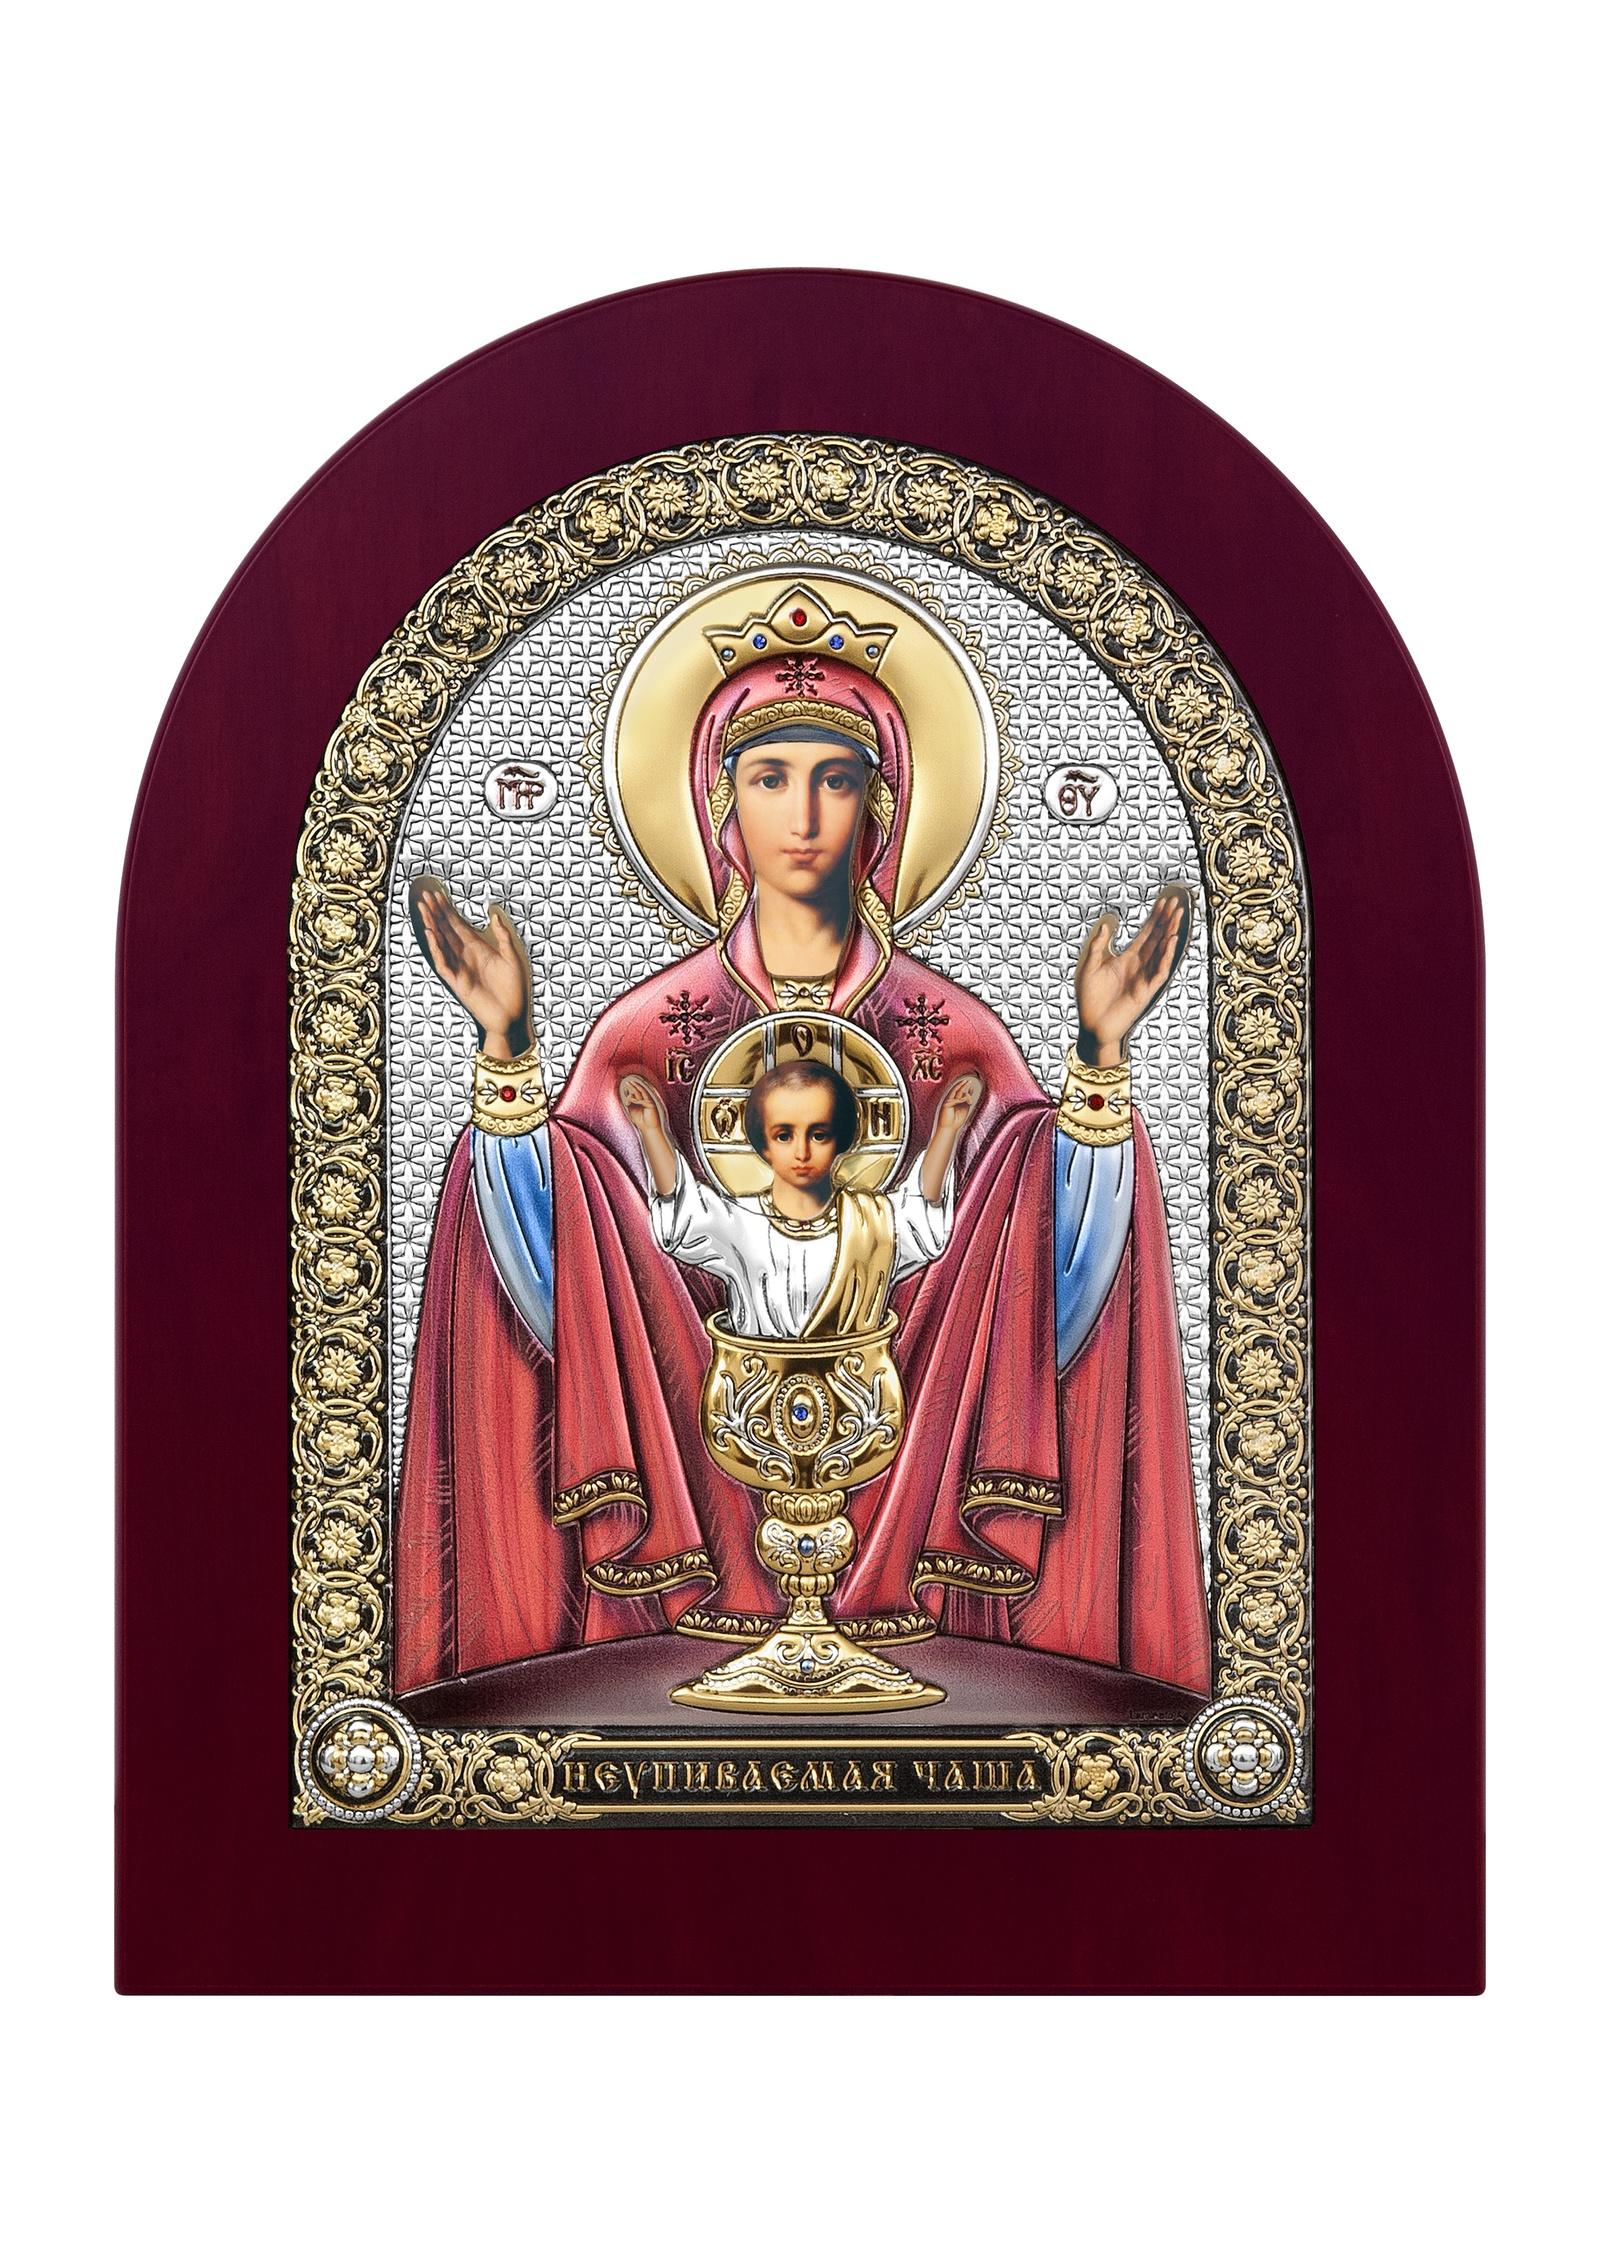 Икона Beltrami 6397CW цветная икона споручница грешных фото и значение